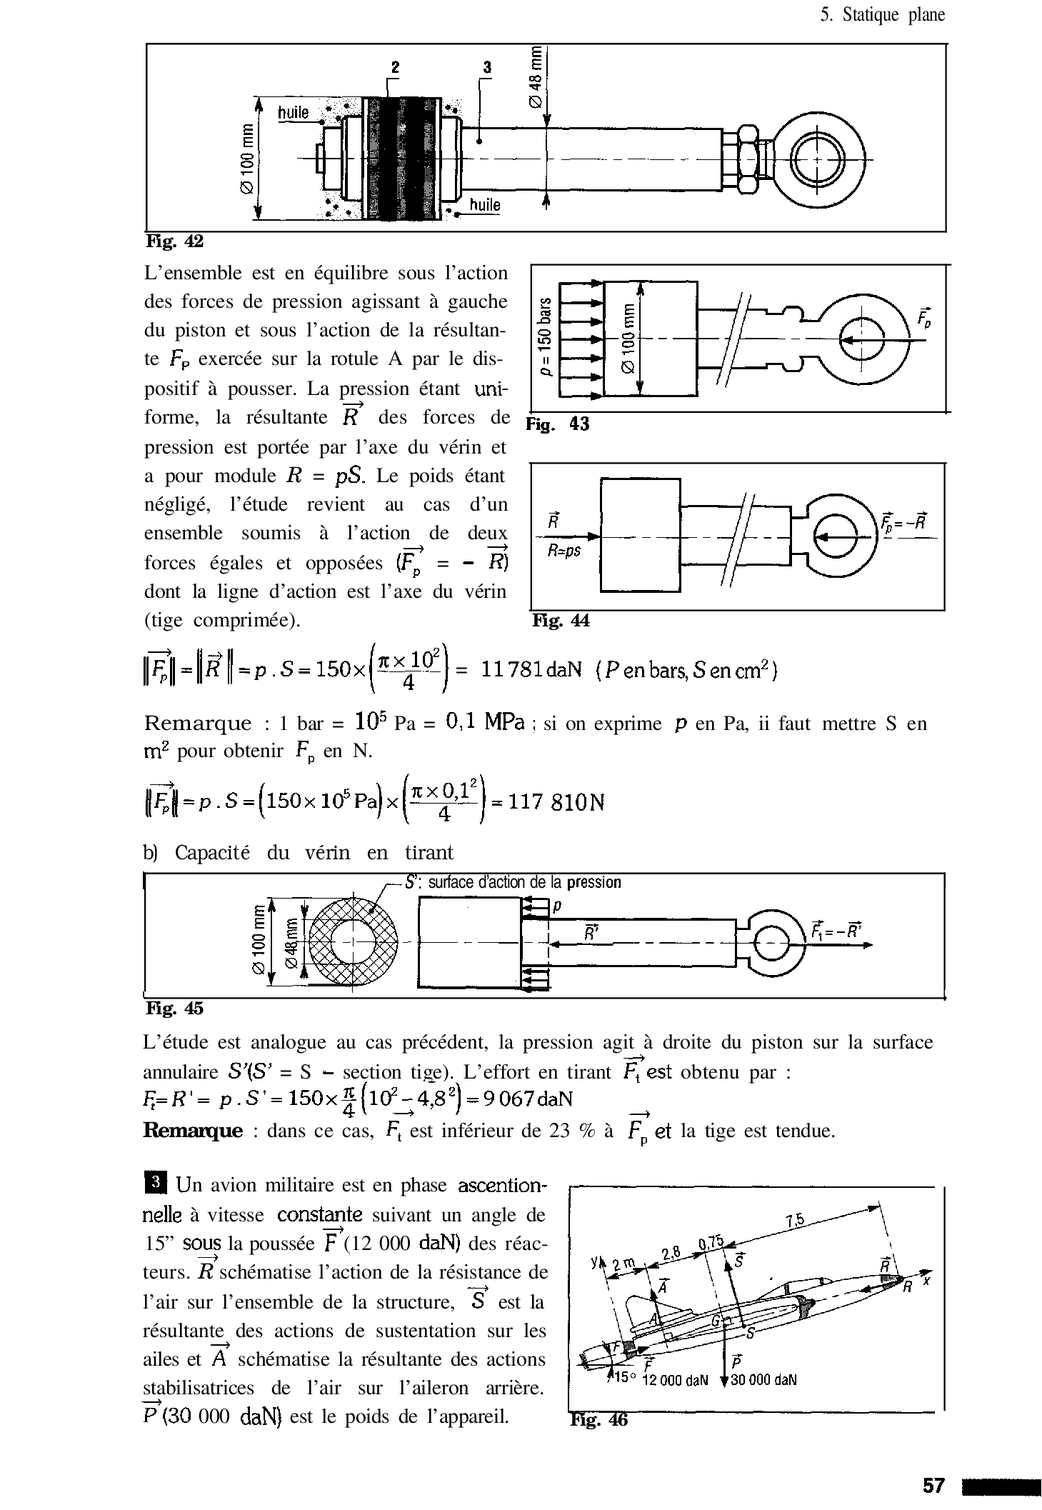 GUIDE DES SCIENCES ET TECHNOLOGIES INDUSTRIELLES - CALAMEO